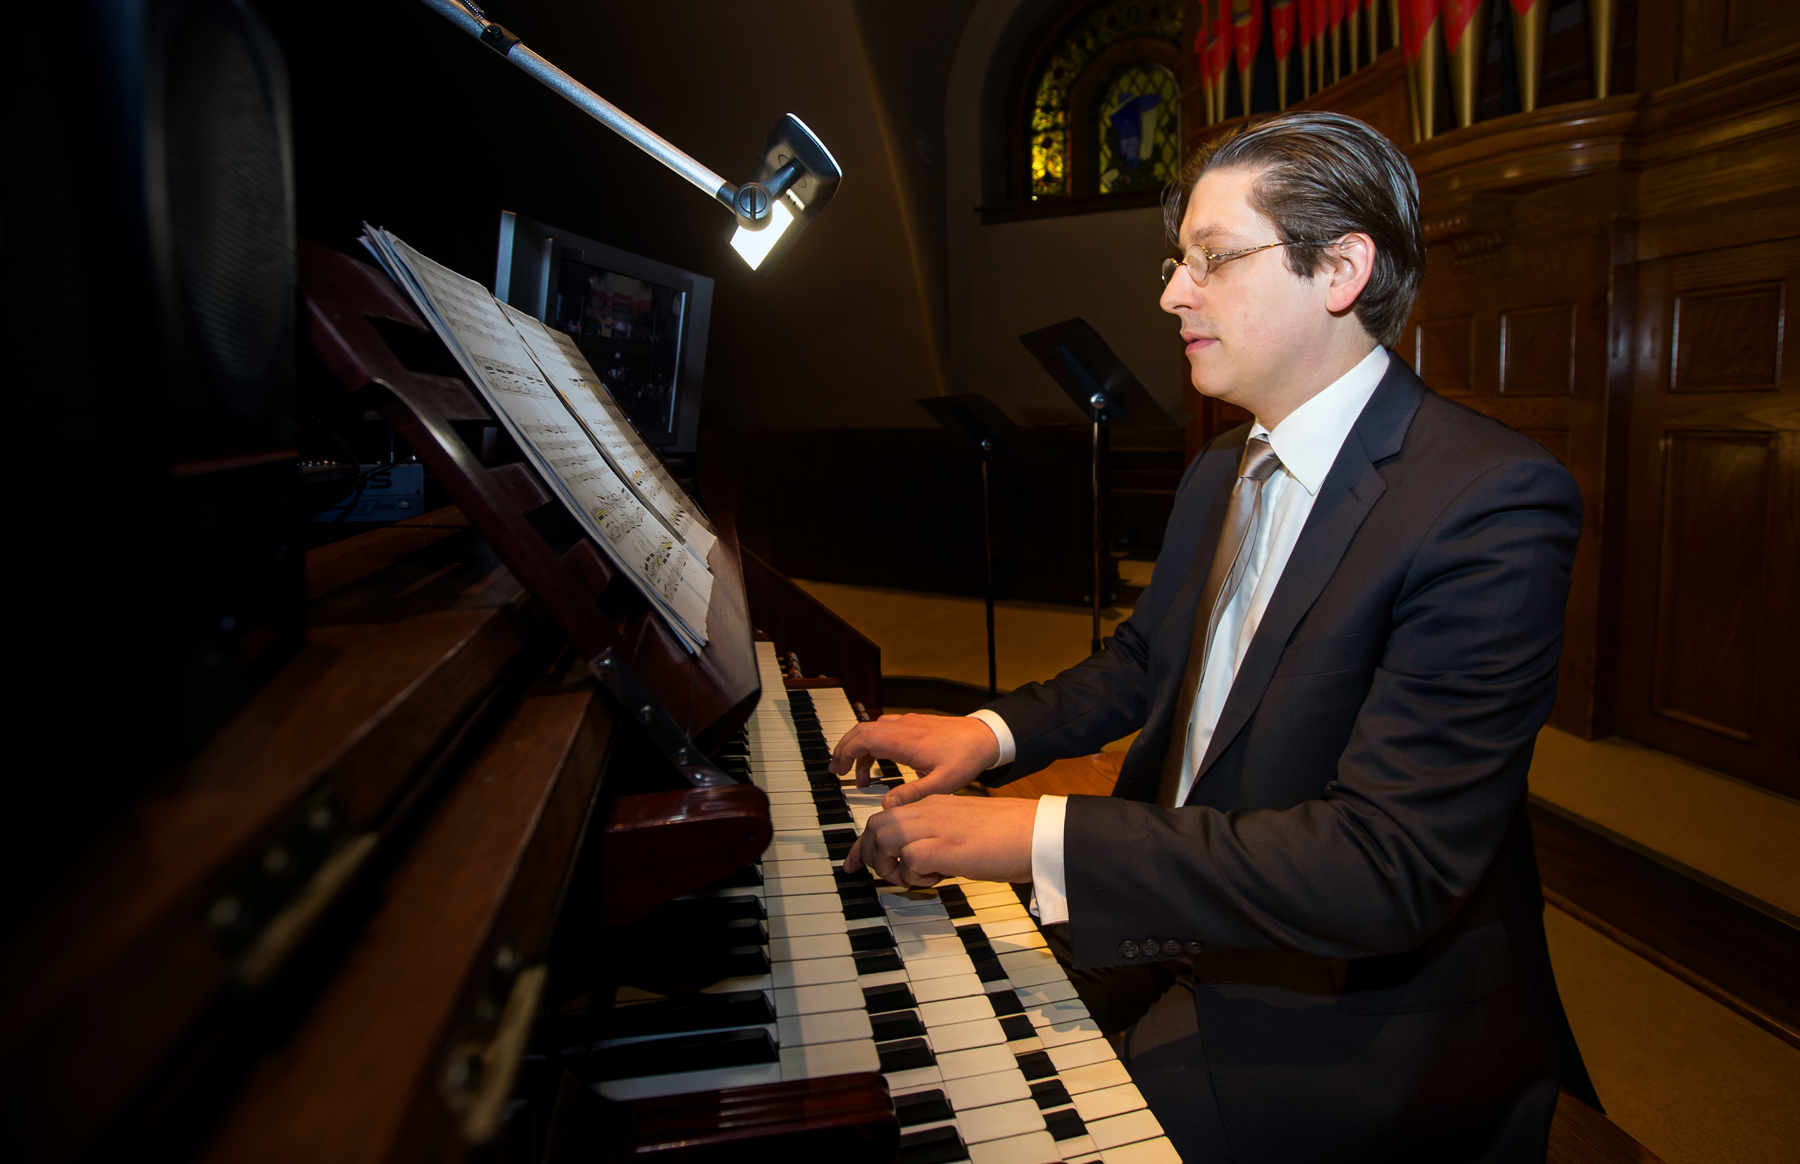 Vincent Boucher à l'orgue Casavant de la crypte de l'Oratoire Saint-Joseph